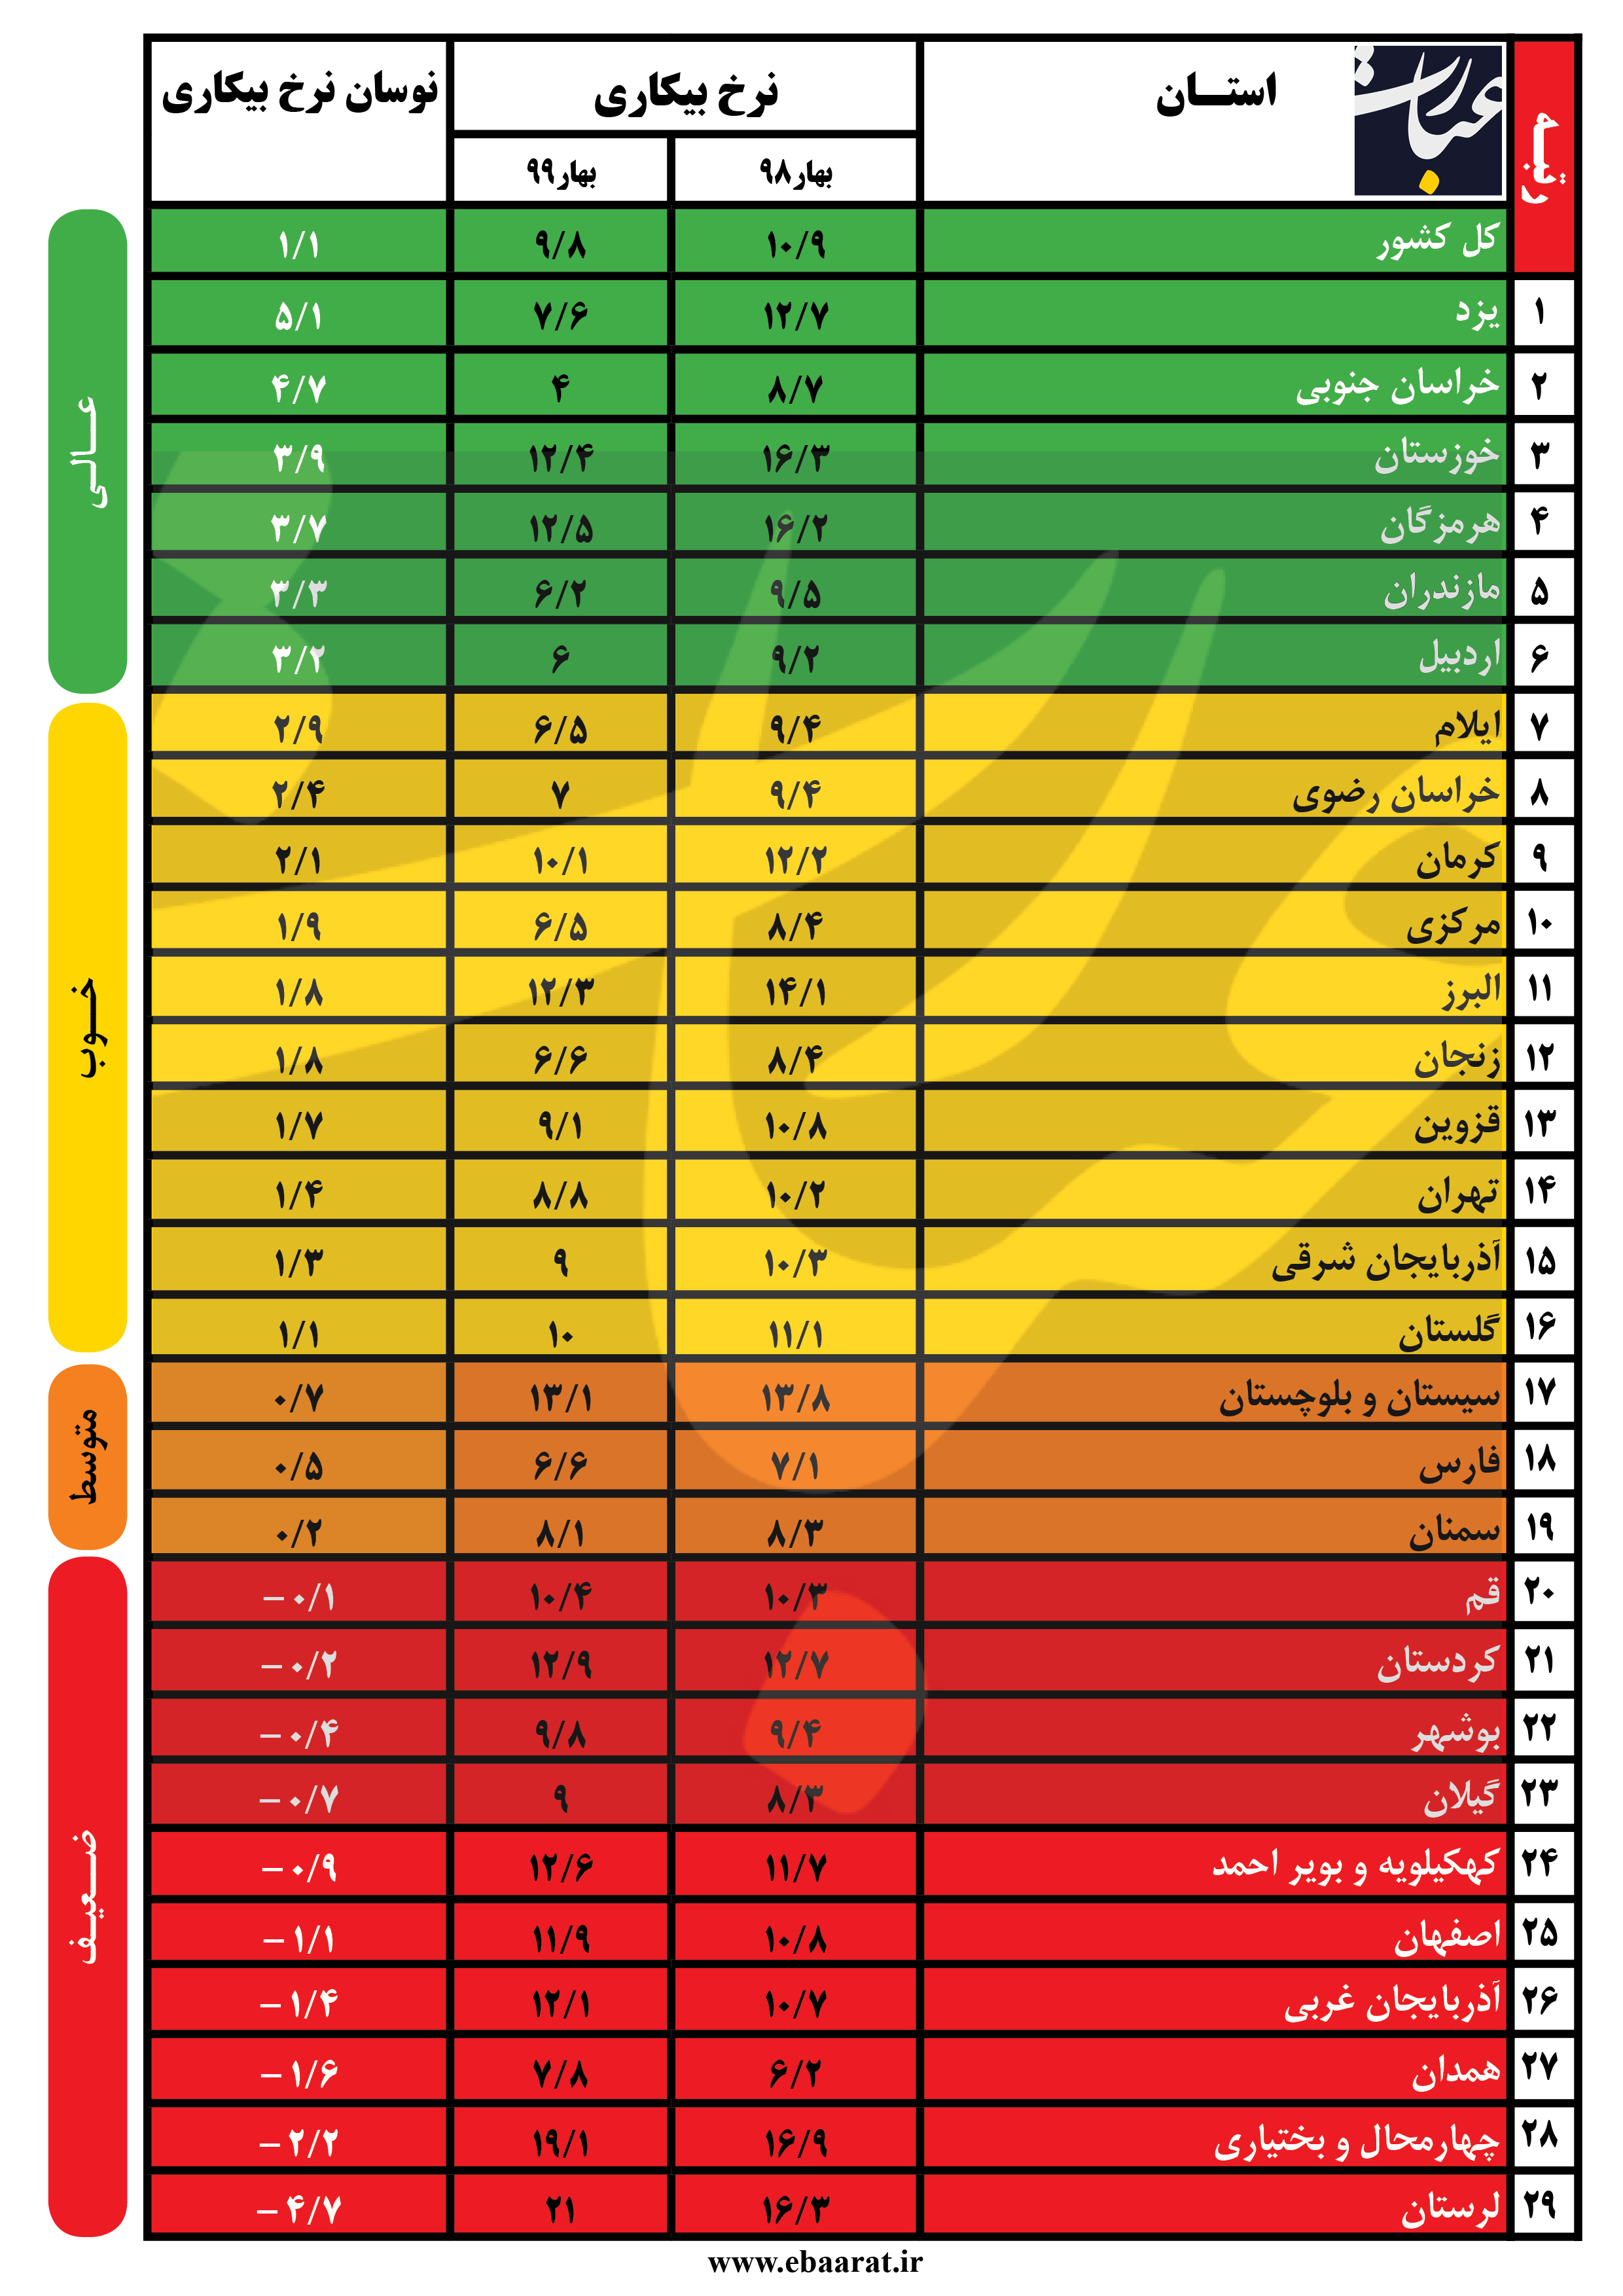 جدول نرخ بیکاری بهار ۹۹ +عبارت